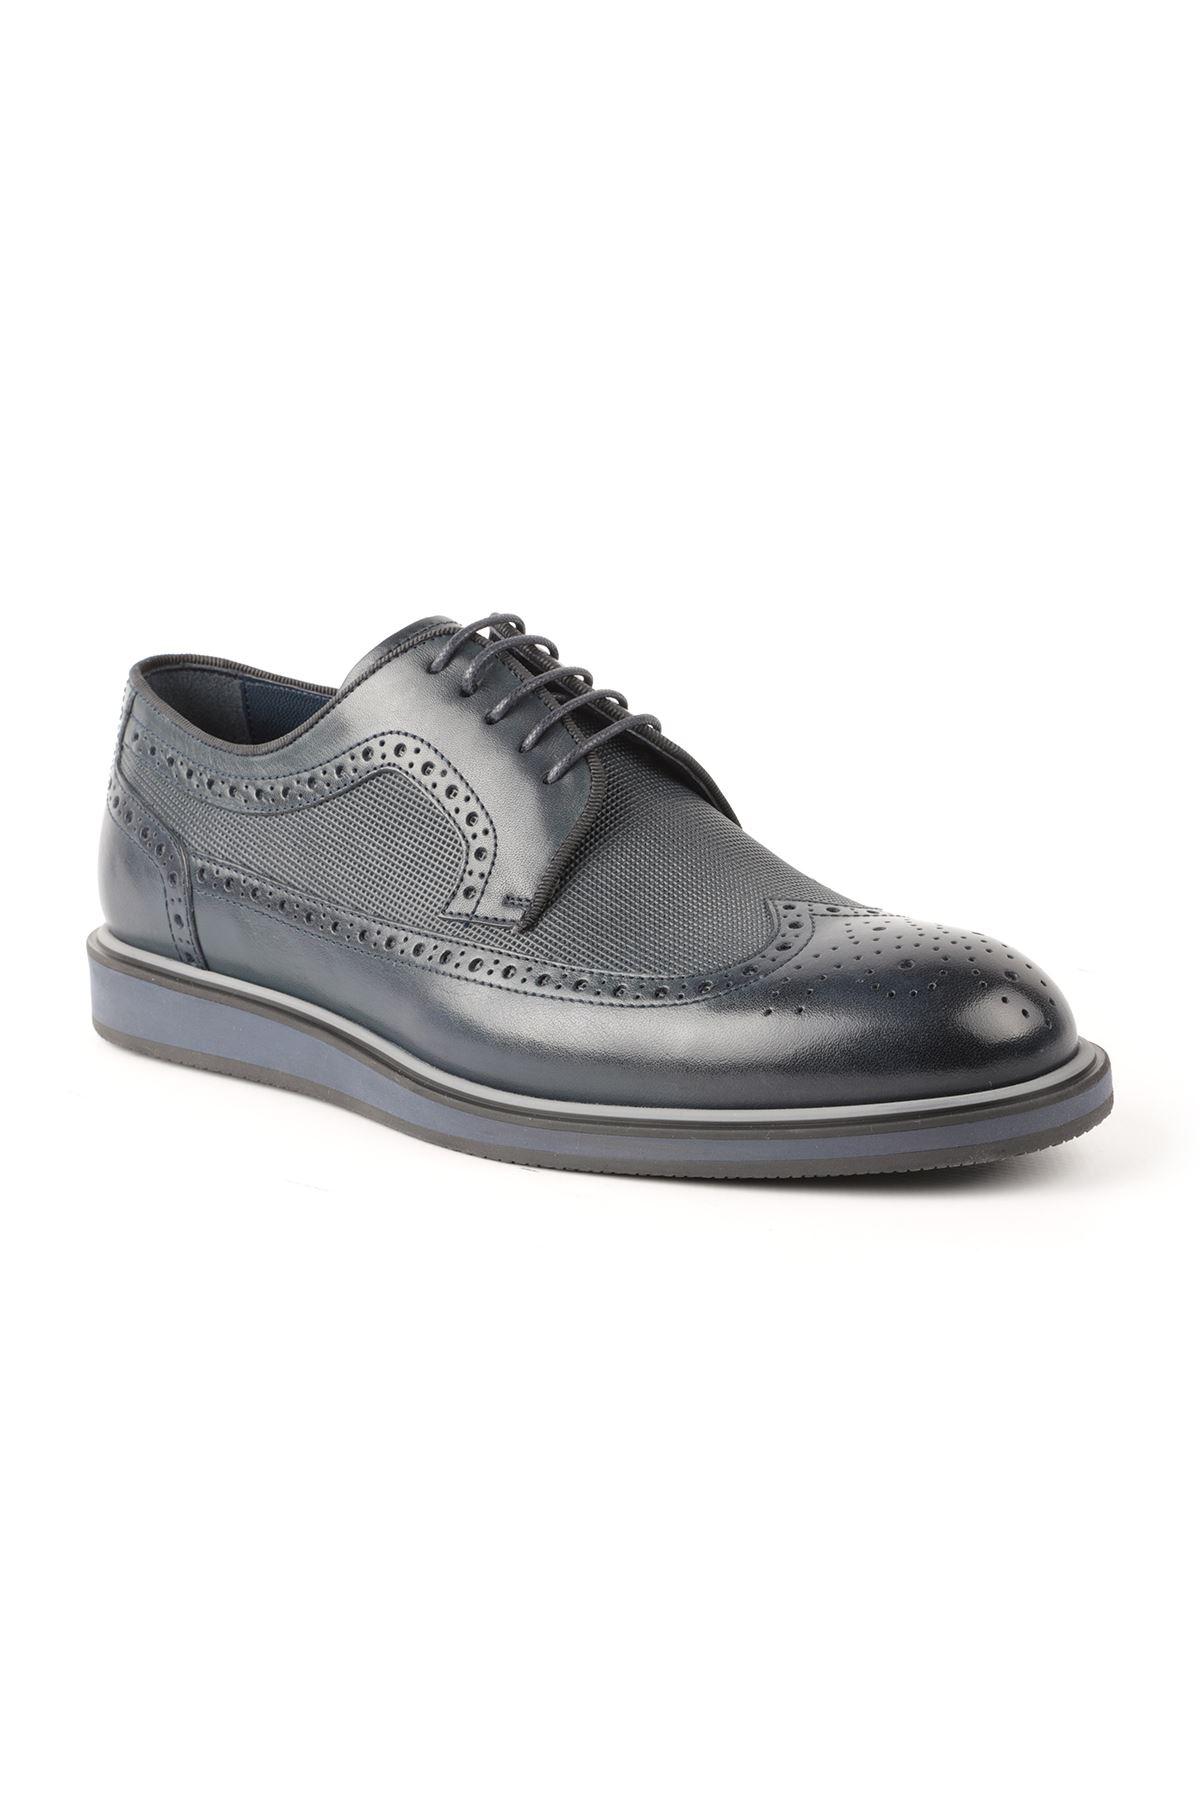 Libero L3722 Navy Blue Casual Men Shoes